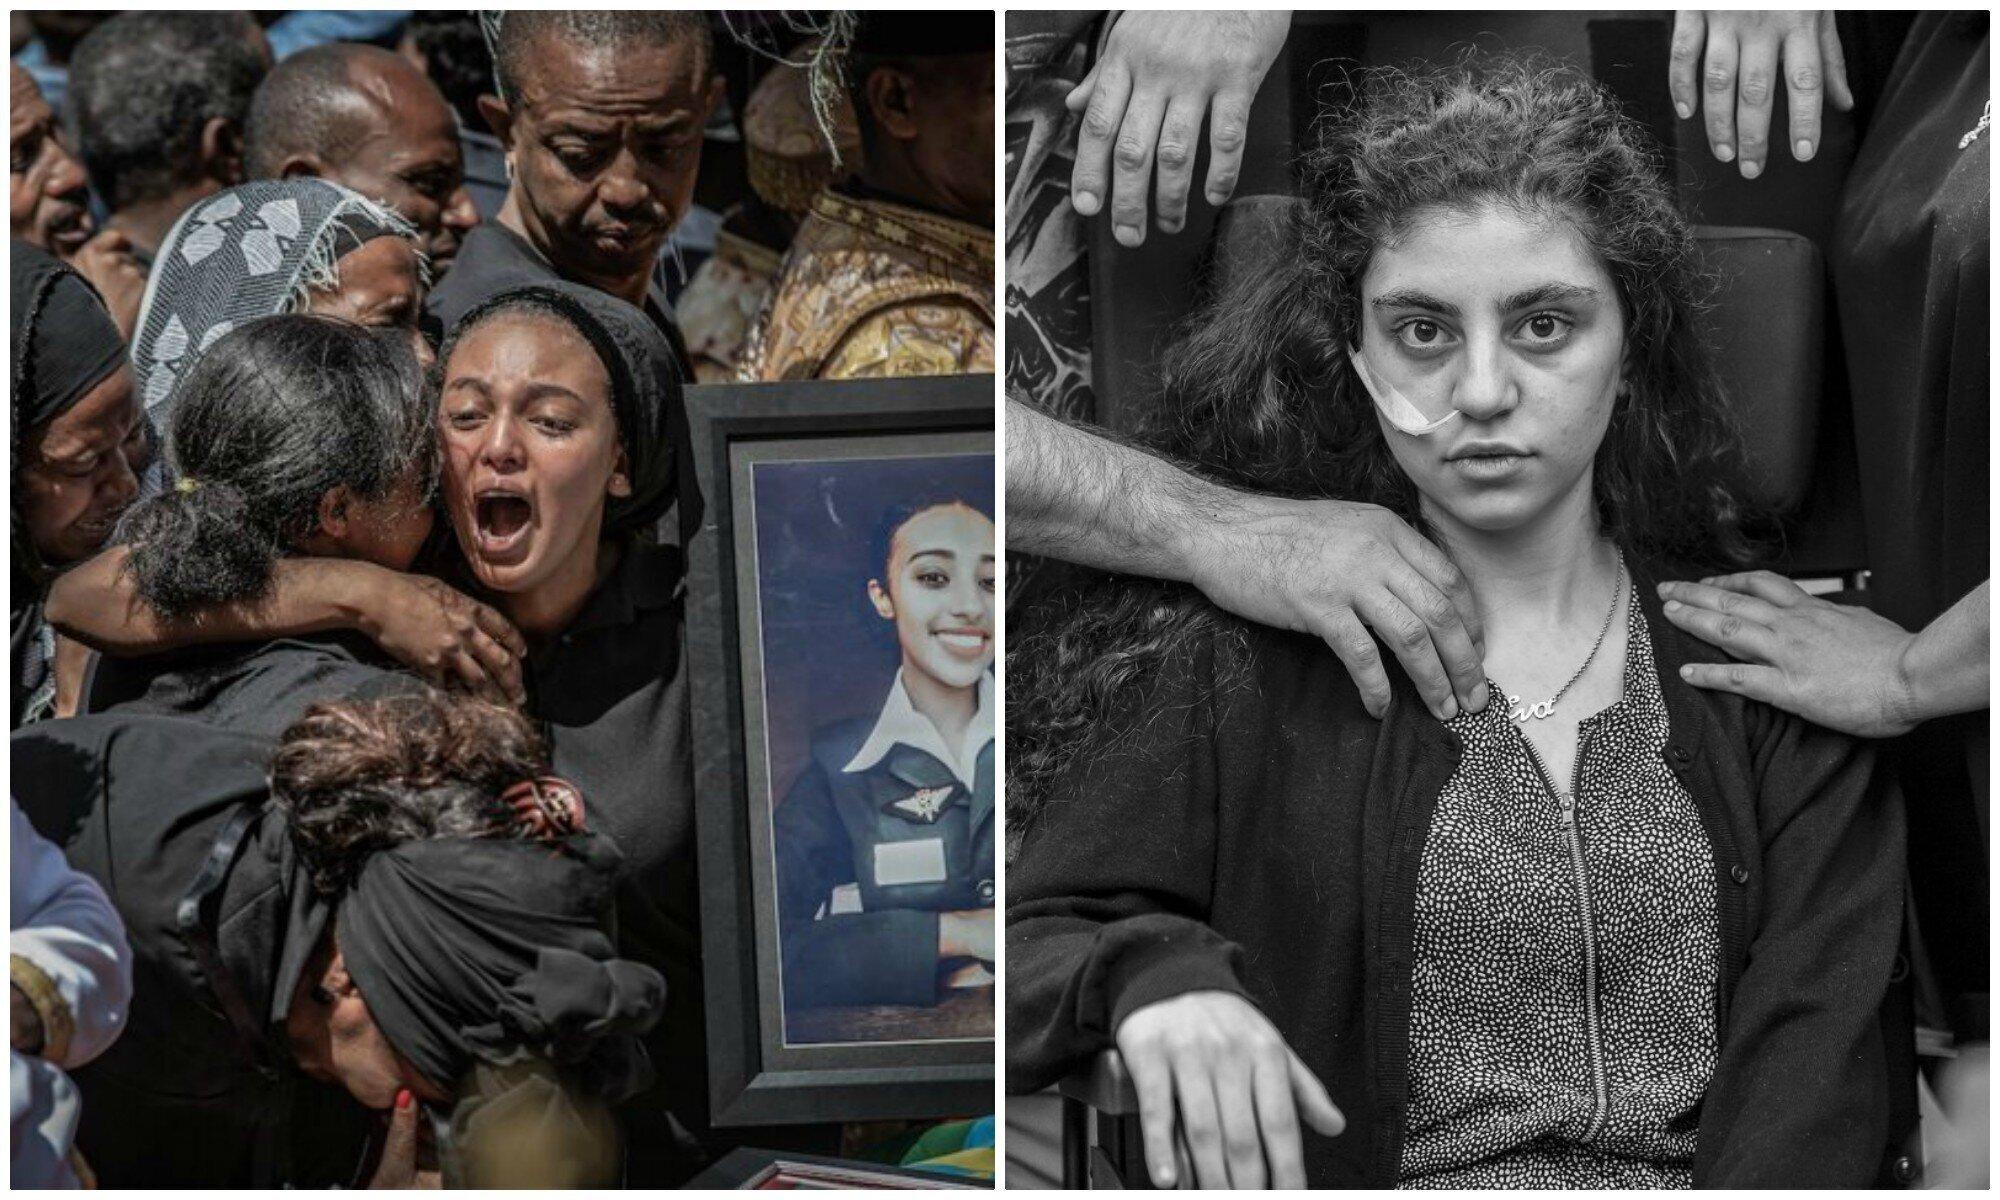 Лучшие снимки из мировой прессы по версии World Press Photo 2020 (24фото)